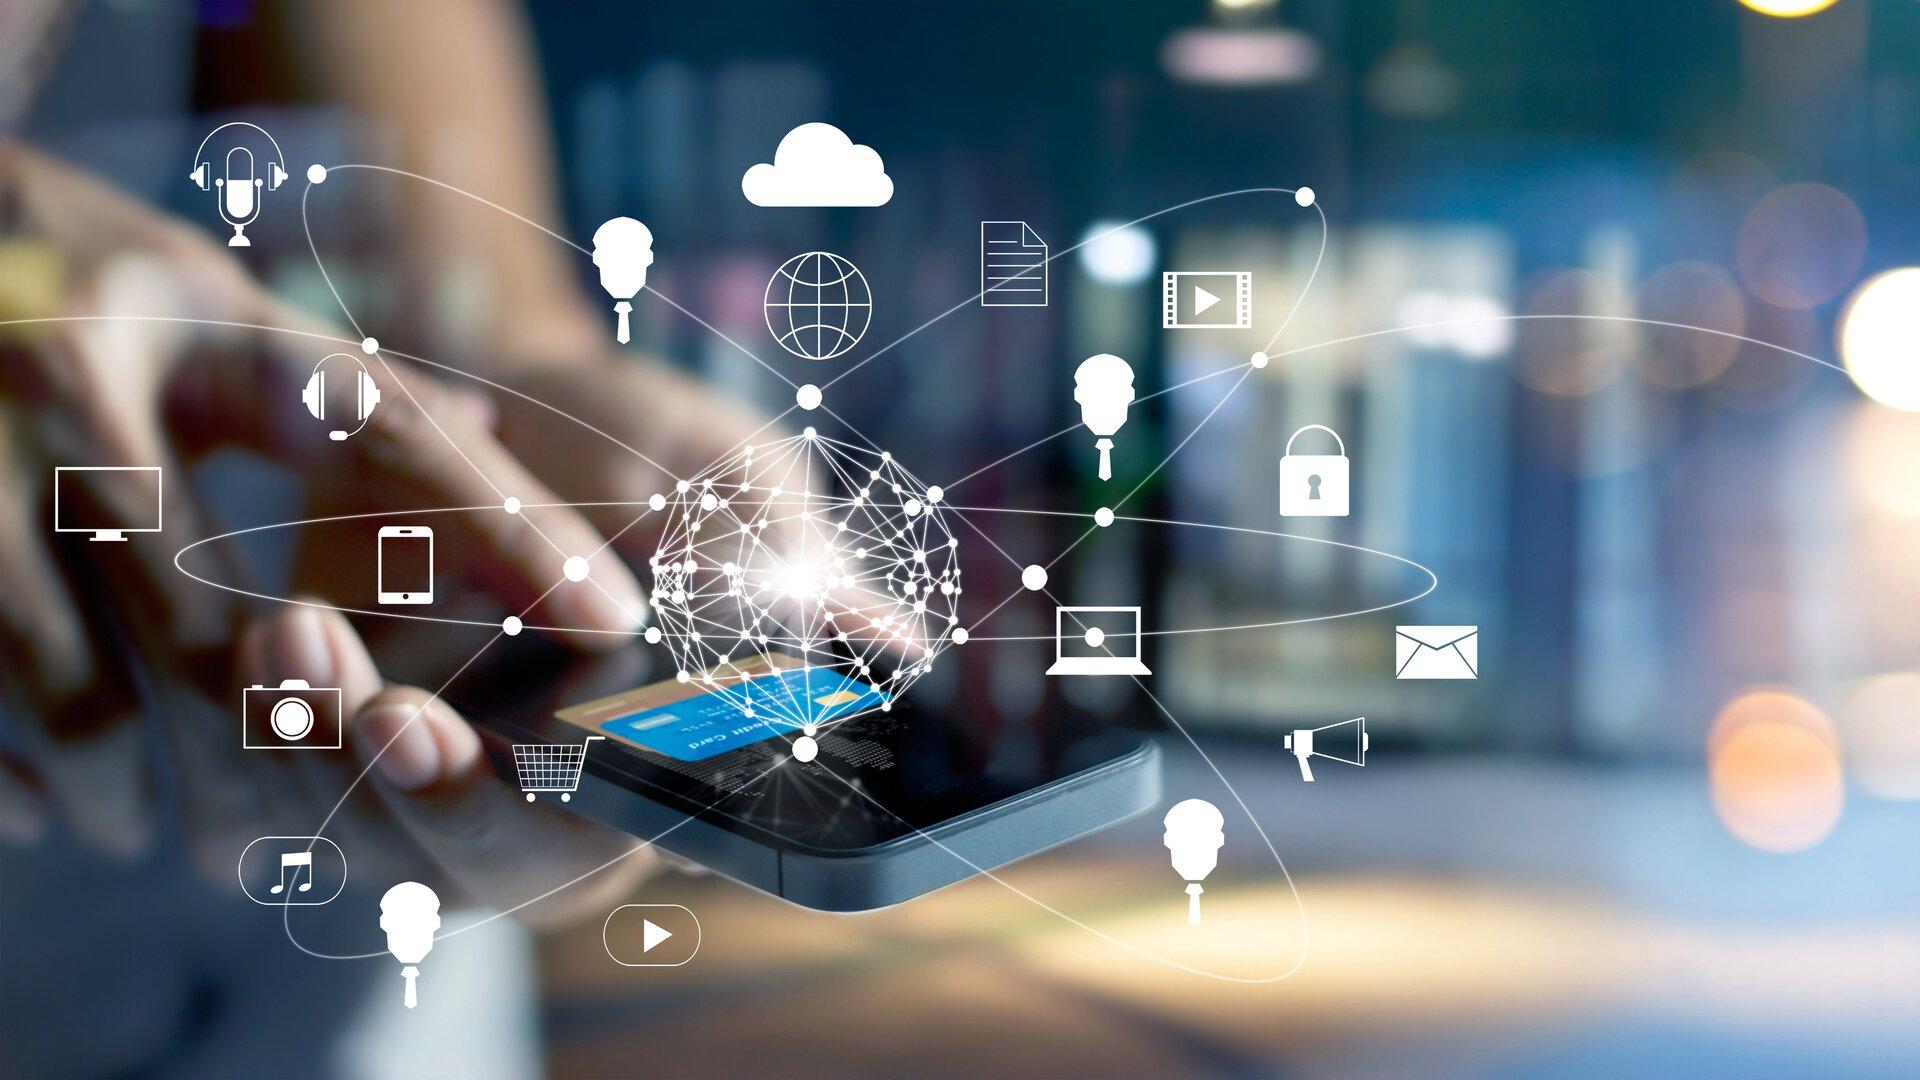 Ilustracja przedstawia człowieka korzystającego zpłatności mobilnych online. Trzyma on wdłoni telefon komórkowy isię nim posługuje za pomocą palców.